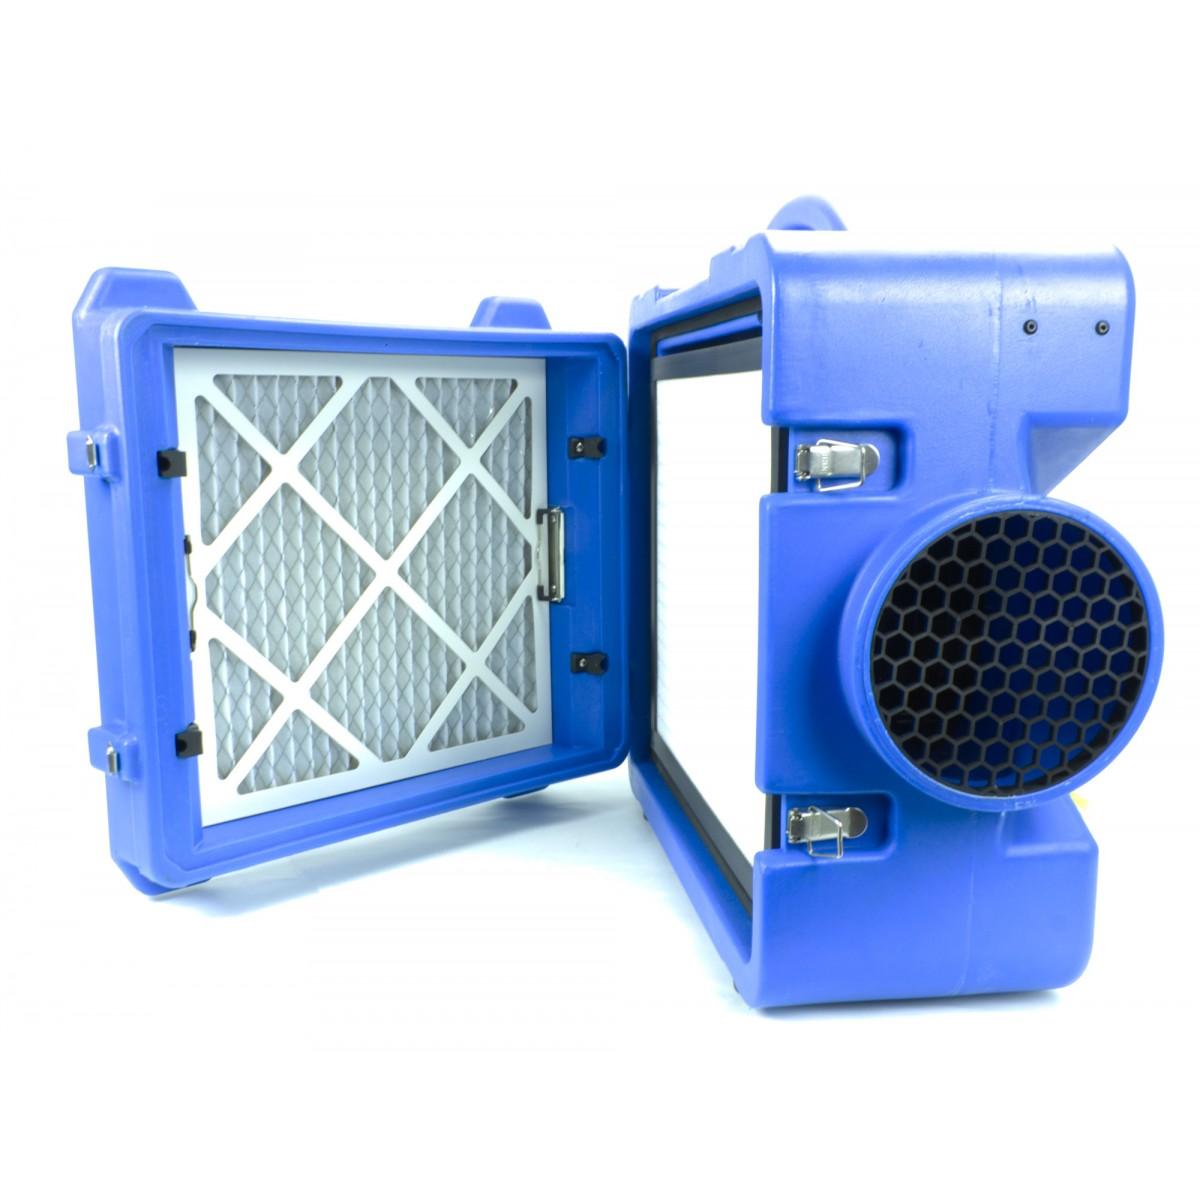 aspirateur purificateur d air delphin l 39 aspirateur eau qui assainit l 39 air int rieur. Black Bedroom Furniture Sets. Home Design Ideas